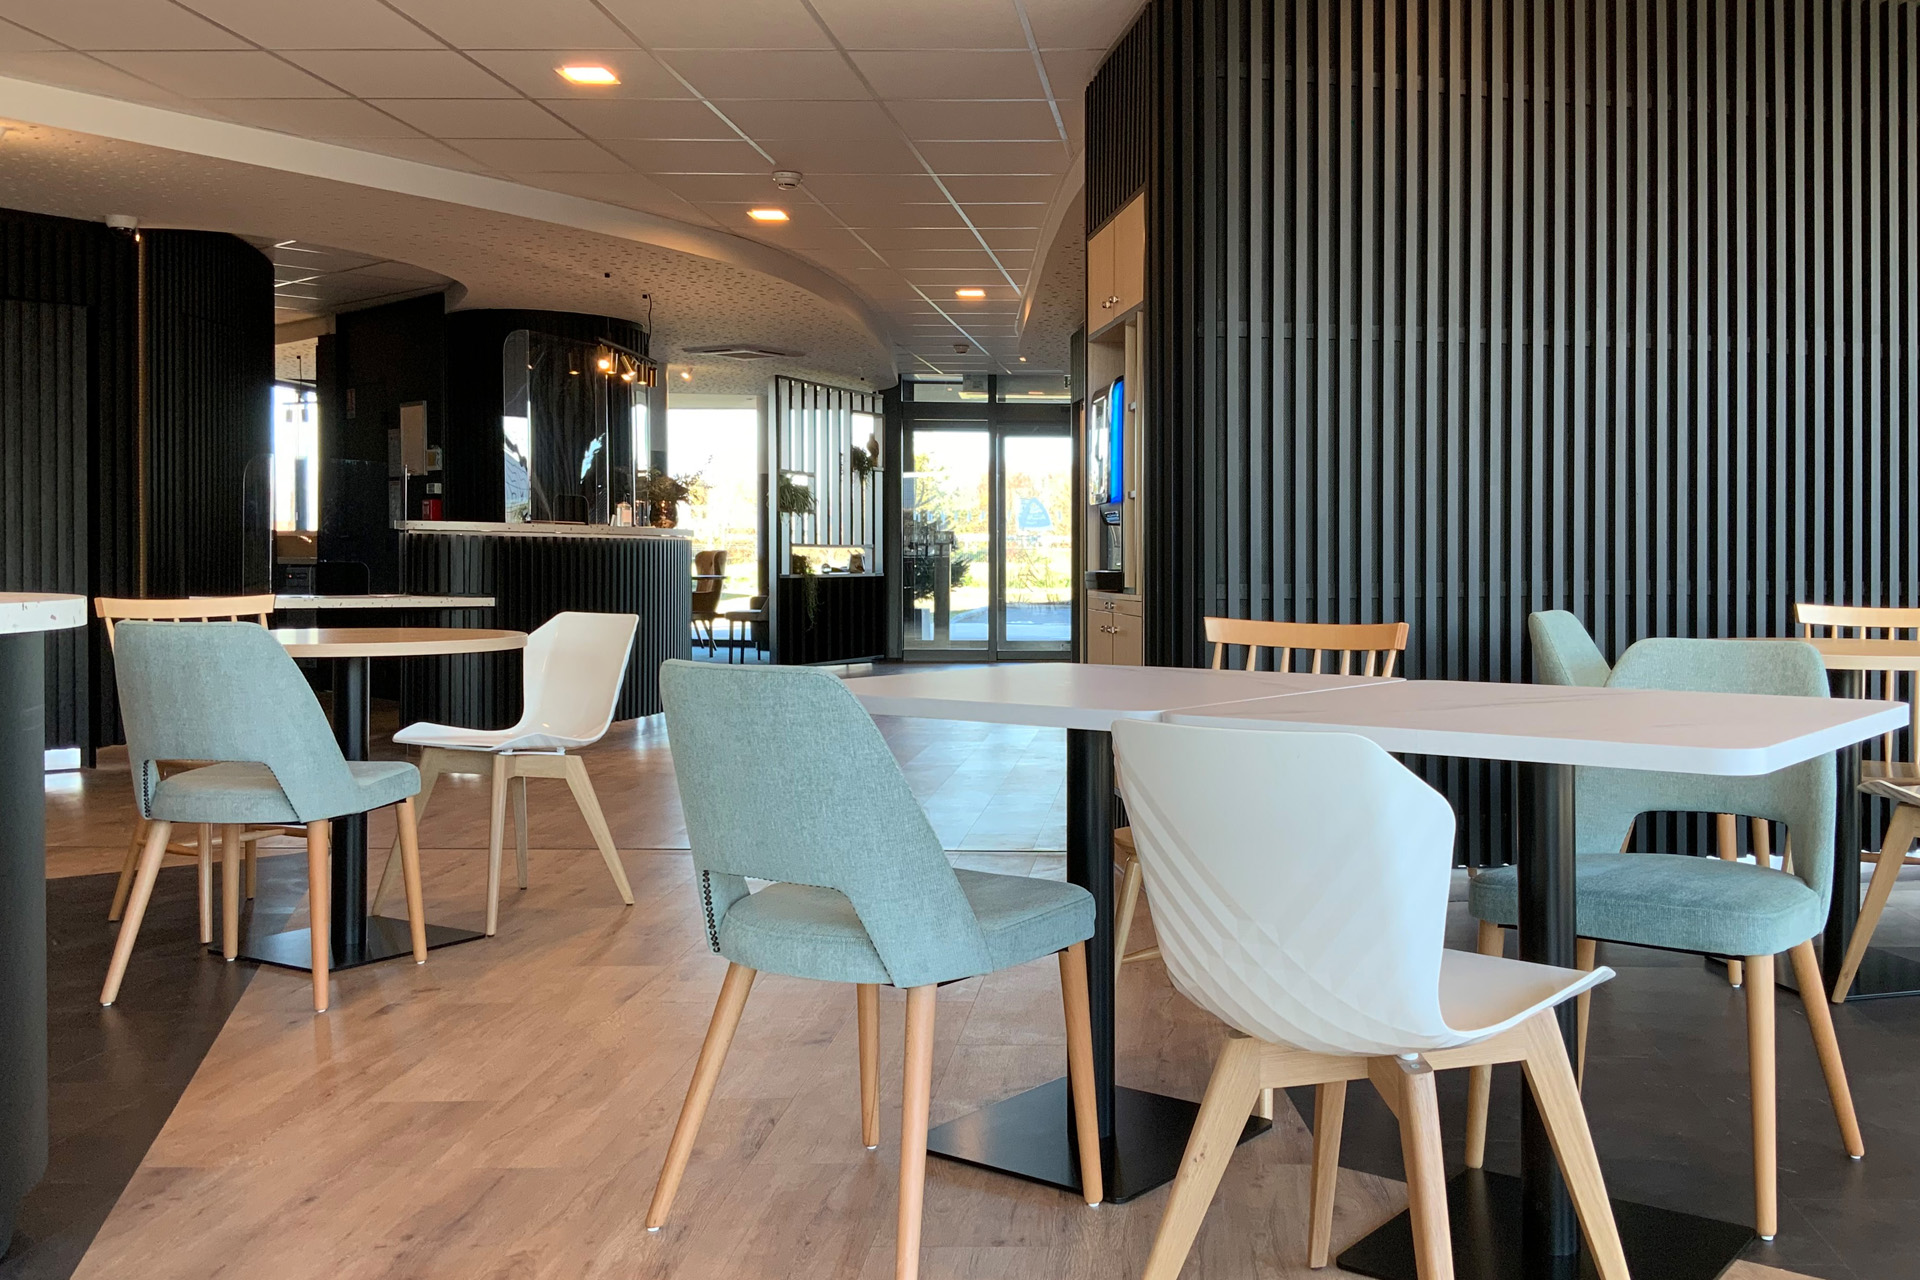 Découvrez la salle de petit déjeuner de l'Akena Hôtel Troyes.